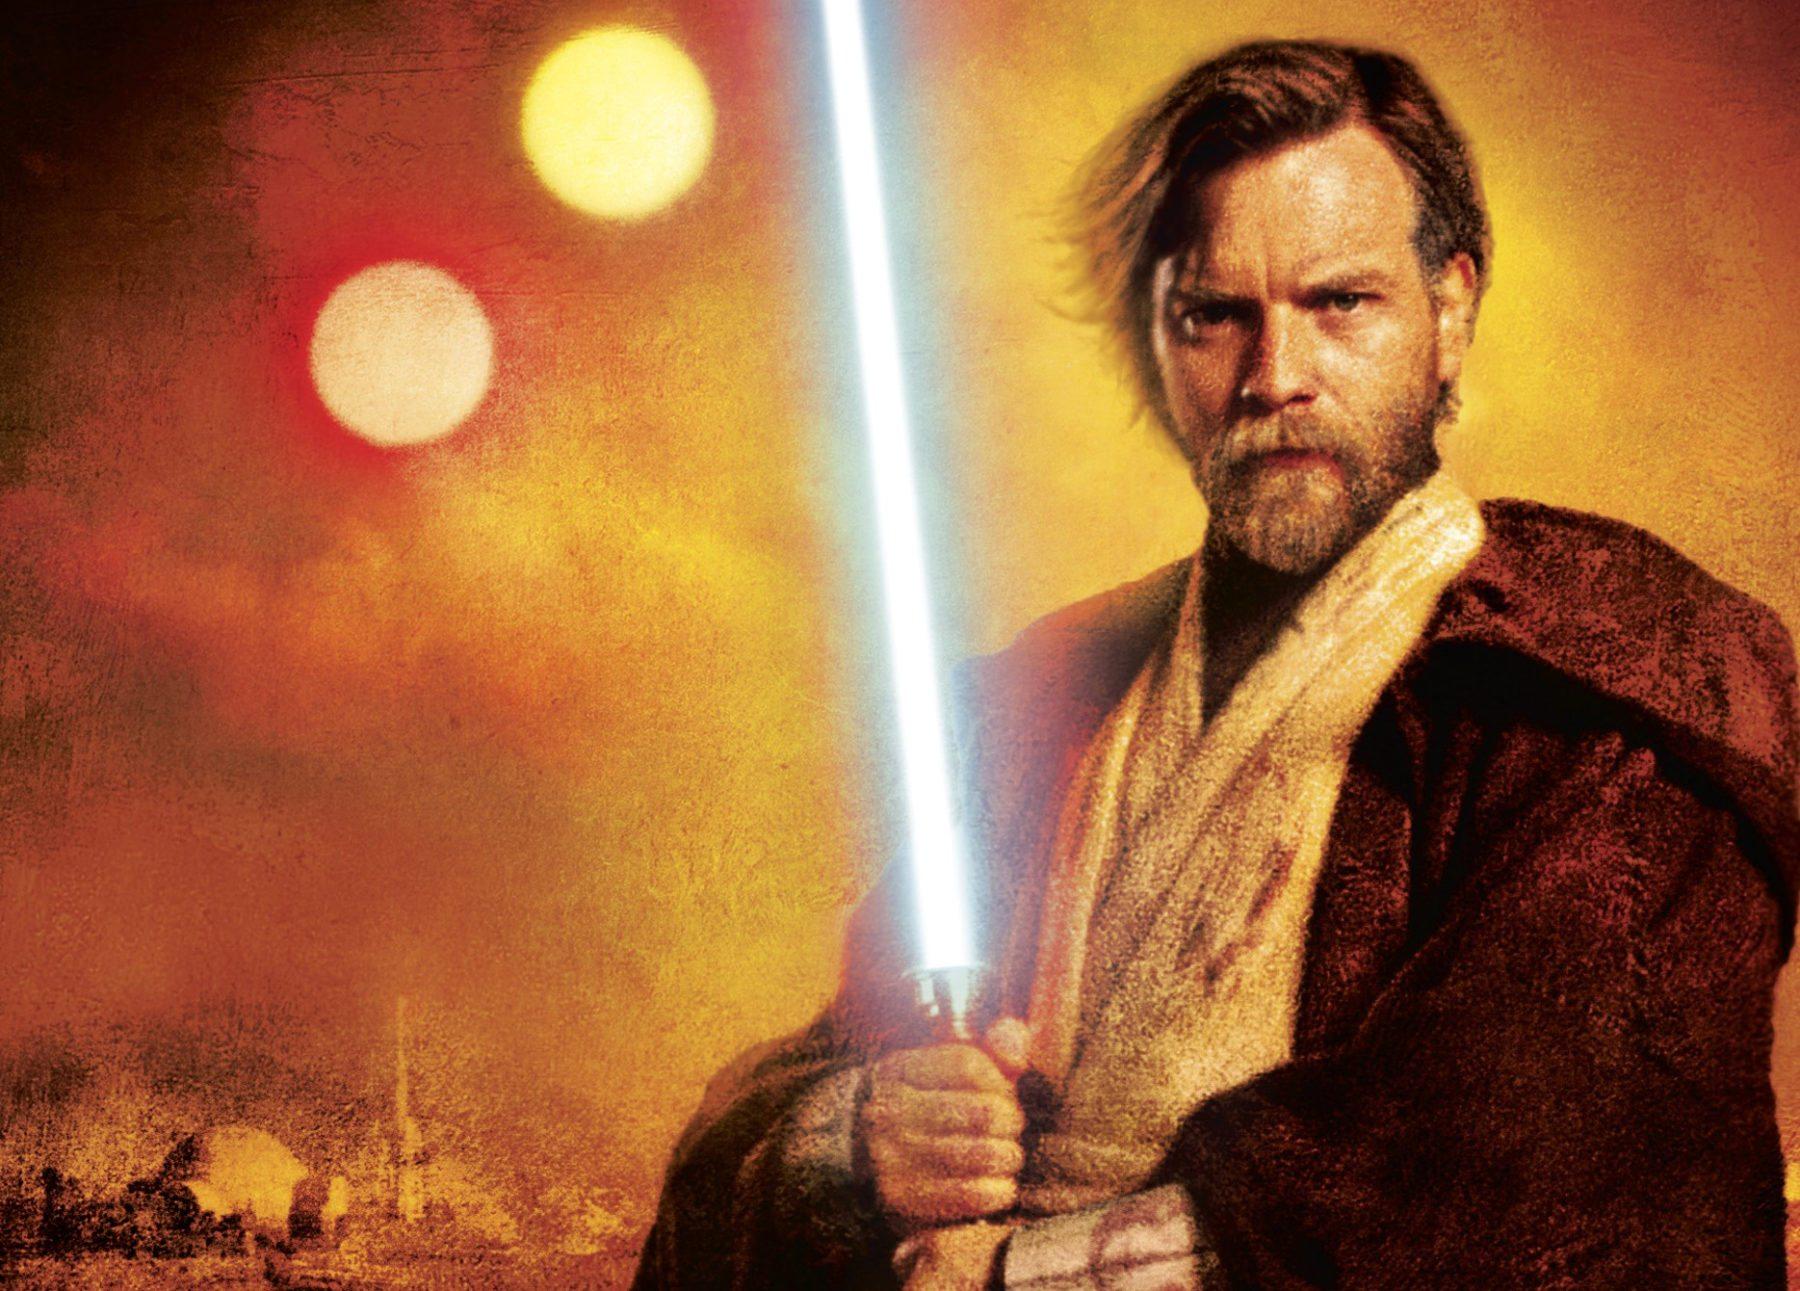 La serie Obi-Wan Kenobi de Star Wars recluta a un nuevo escritor para volver